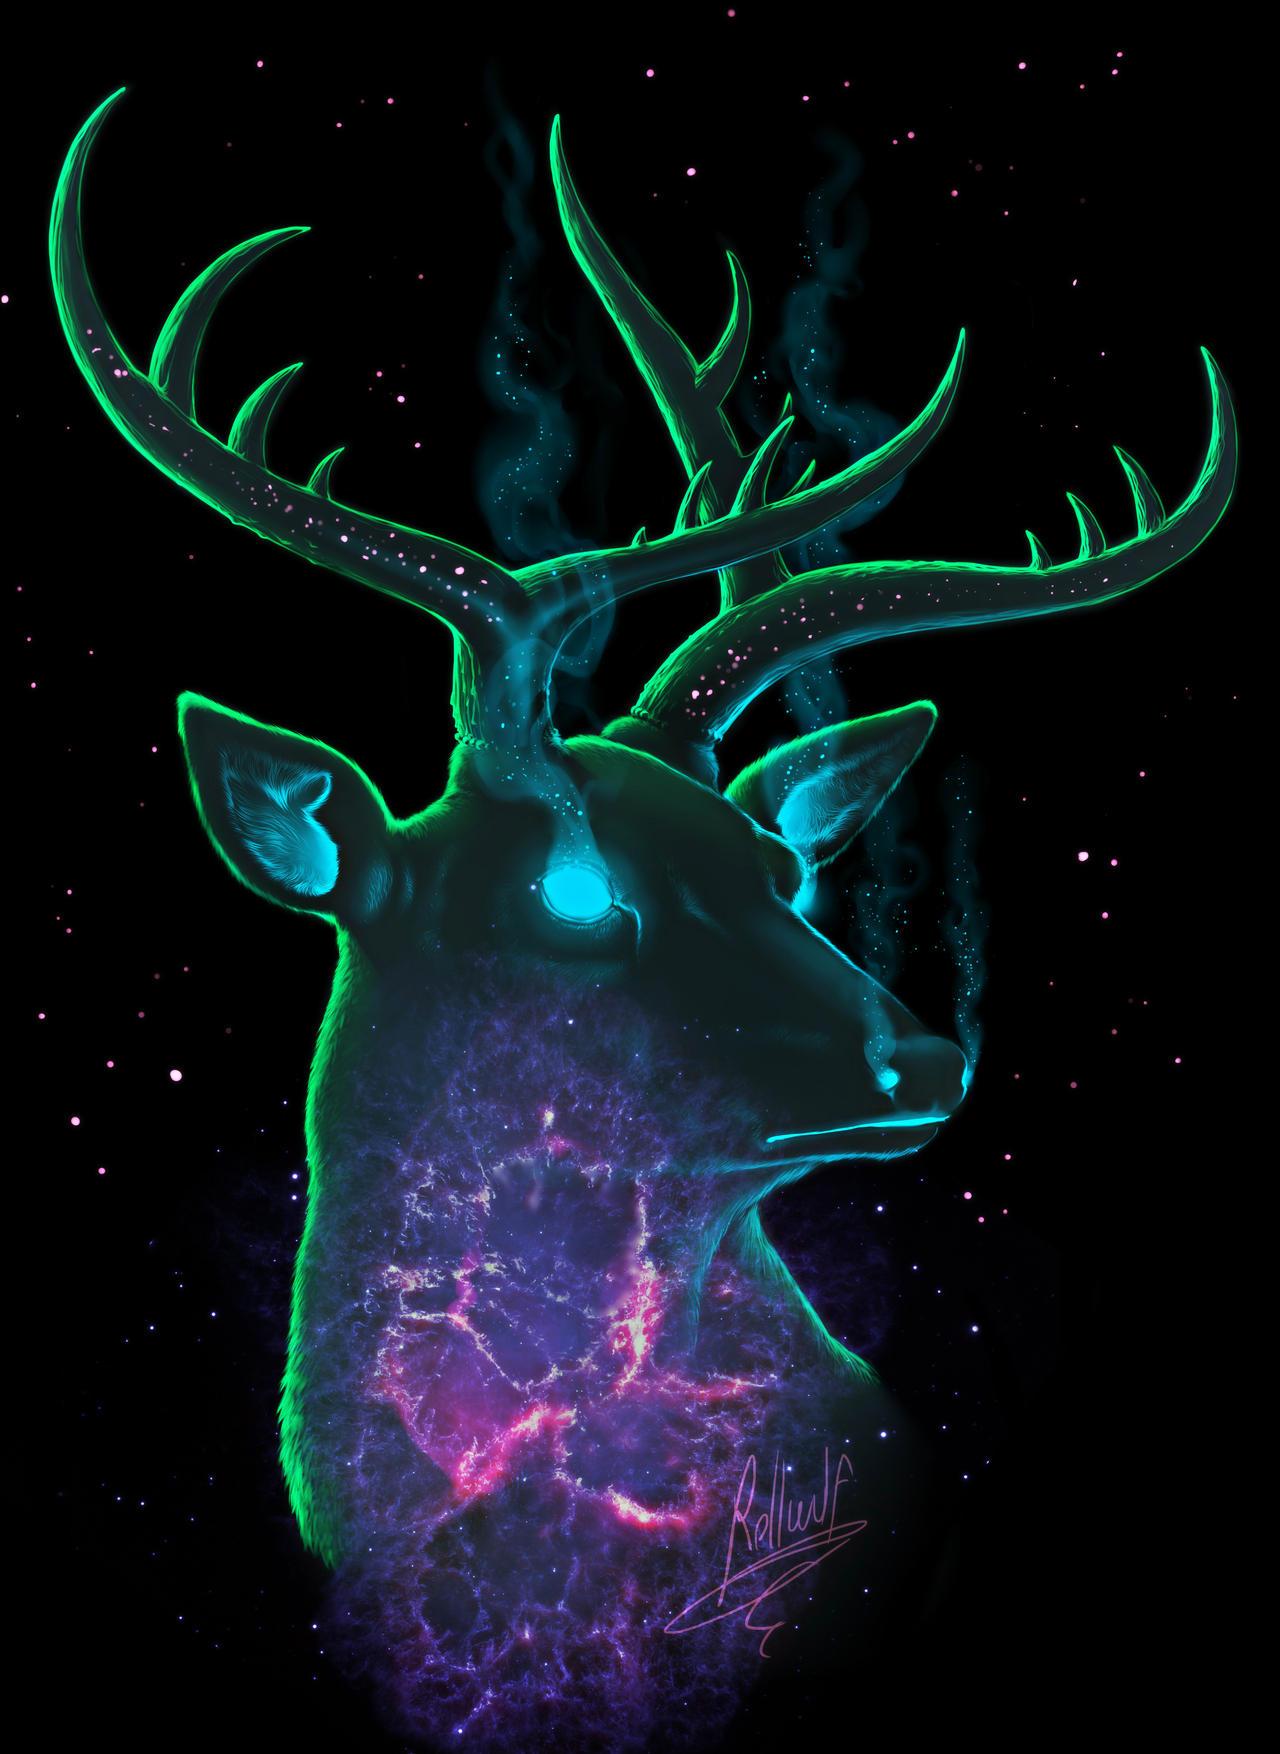 Deer from spaceeeeeee